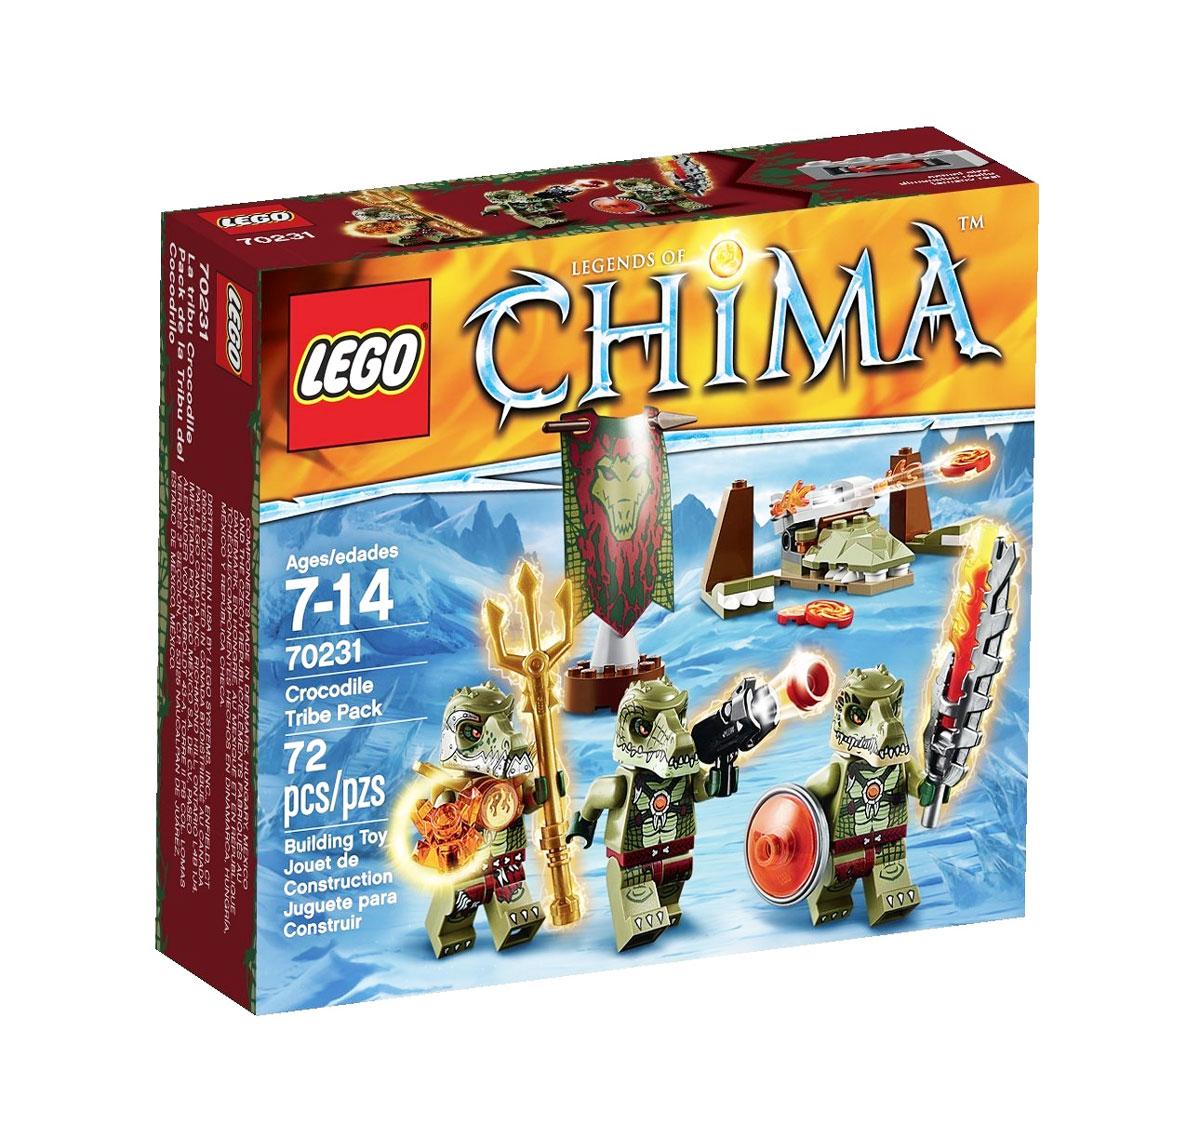 LEGO Legends of Chima Конструктор Лагерь Клана Крокодилов 70231